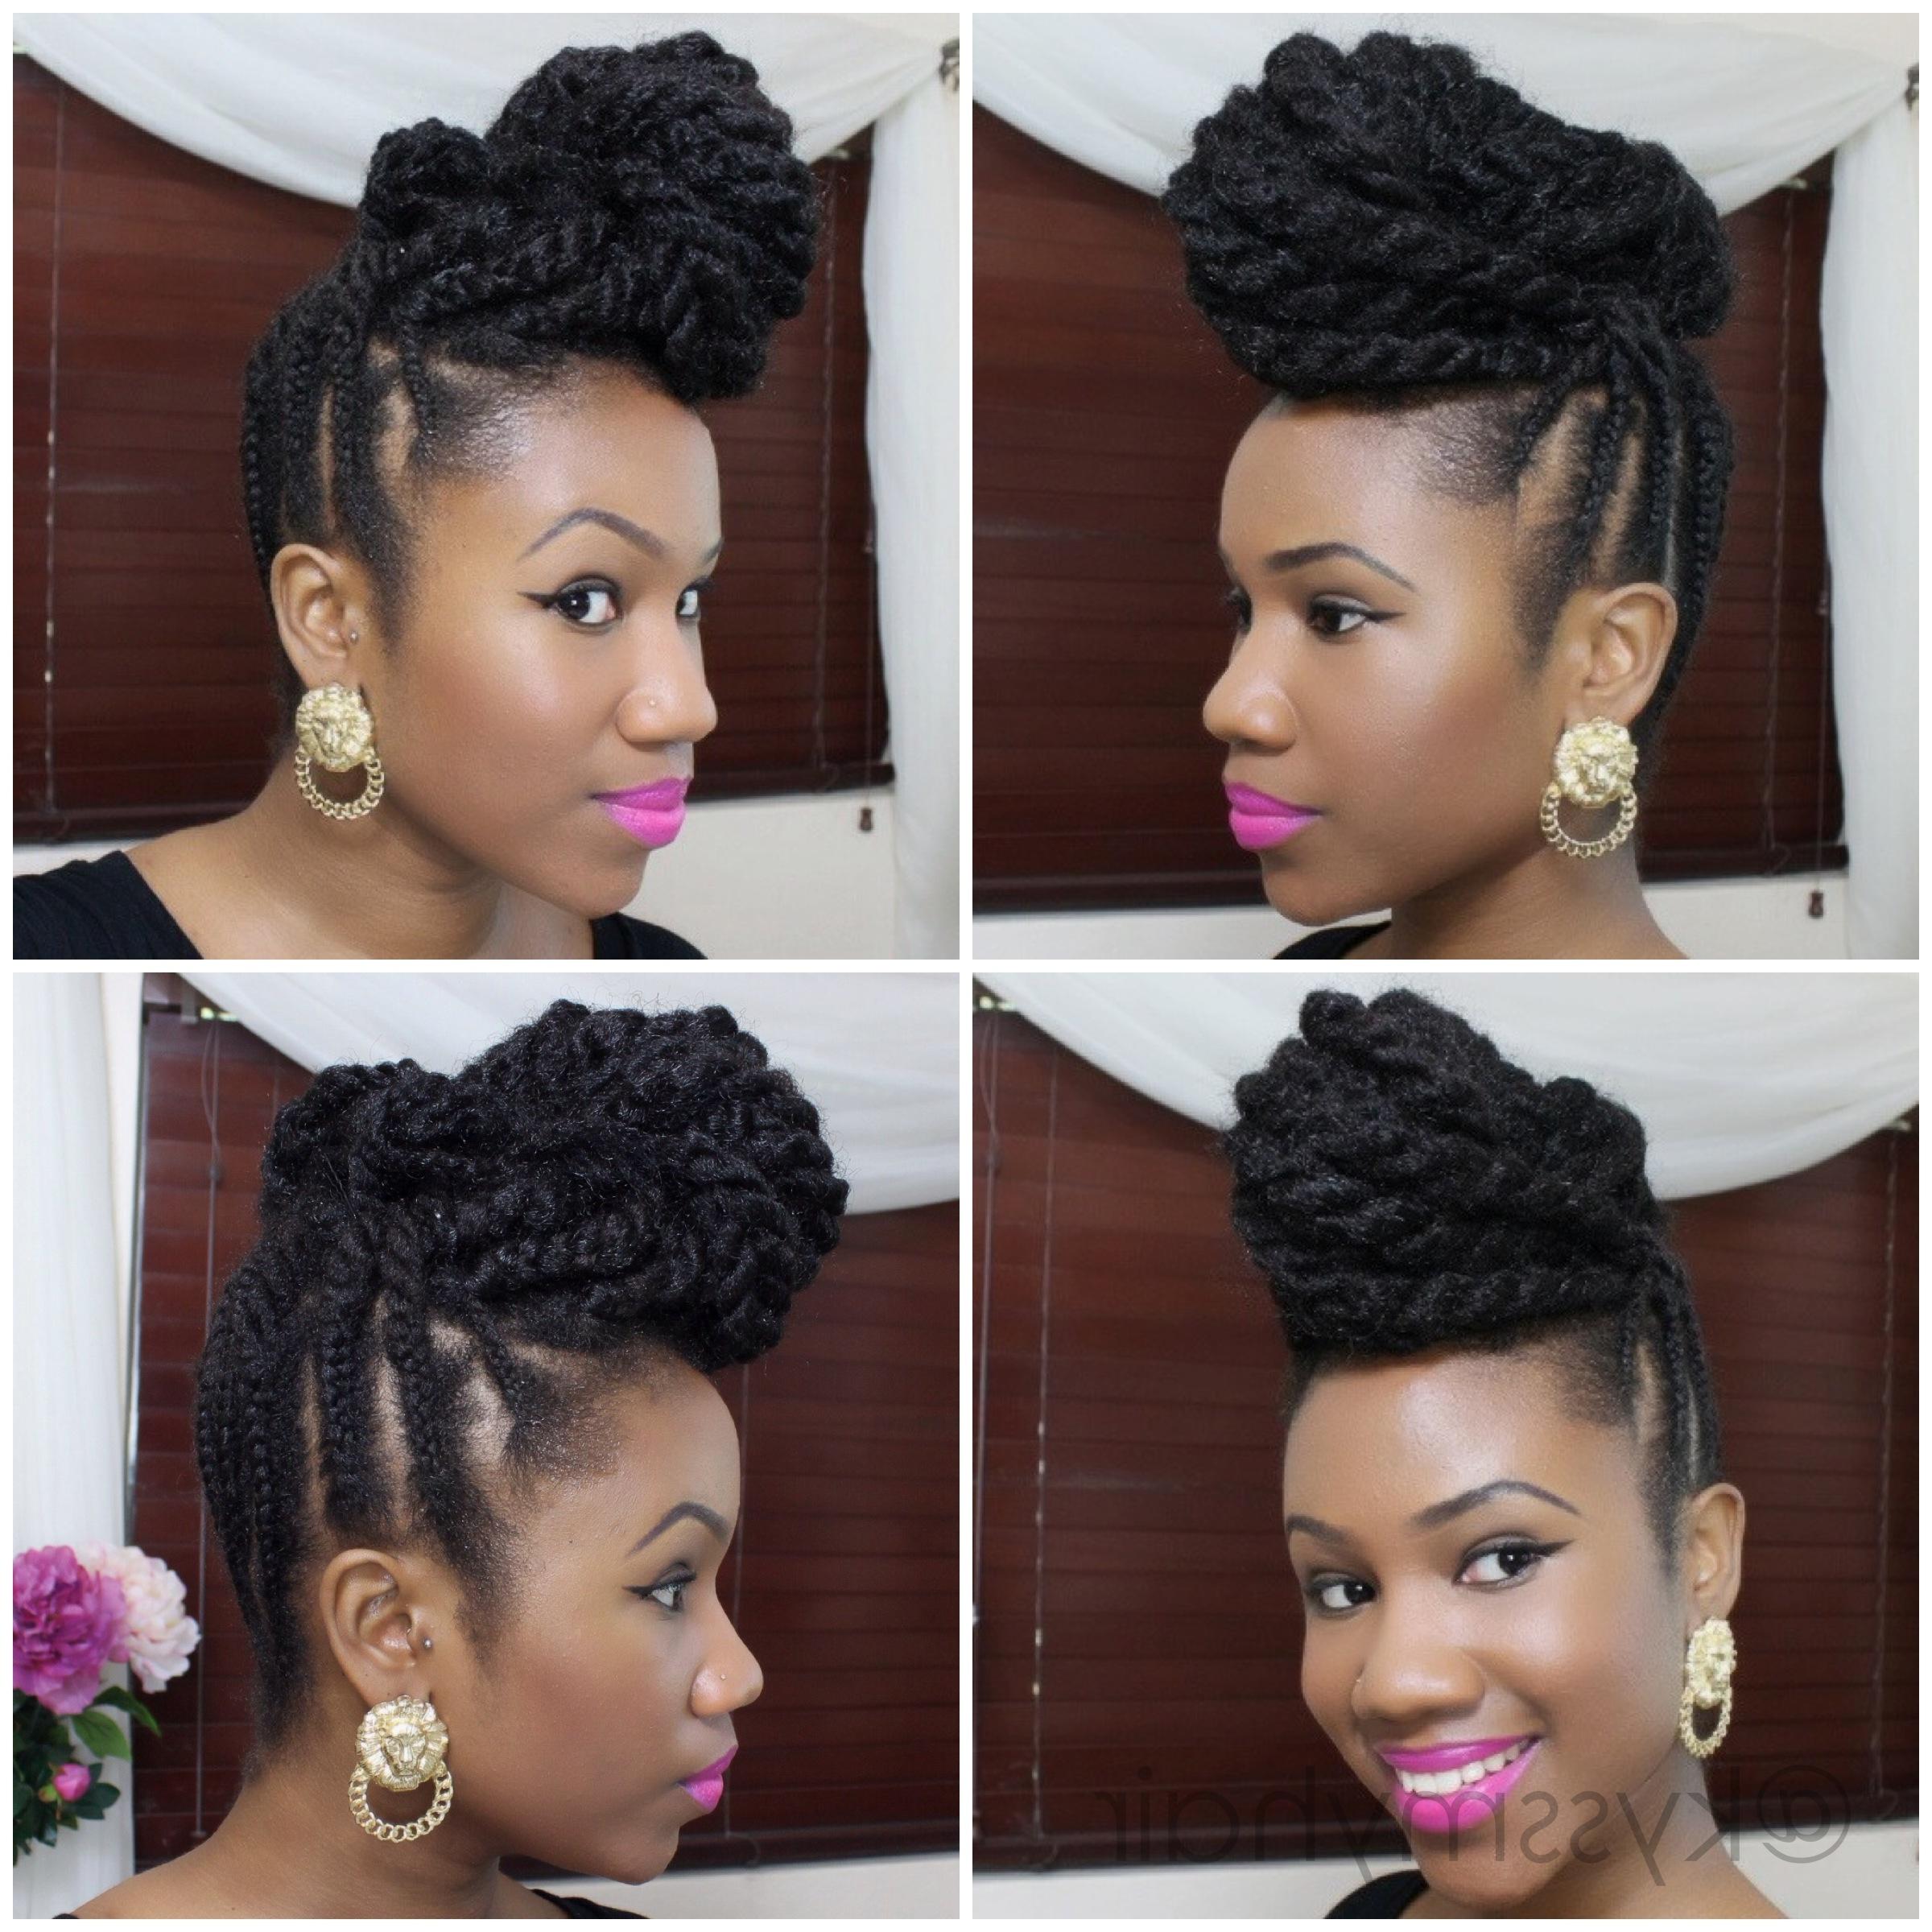 Braided Updo On Natural Hair Using Marley Hair | Kyss My Hair | Kyss In Natural Hair Updo Hairstyles With Kanekalon Hair (View 10 of 15)